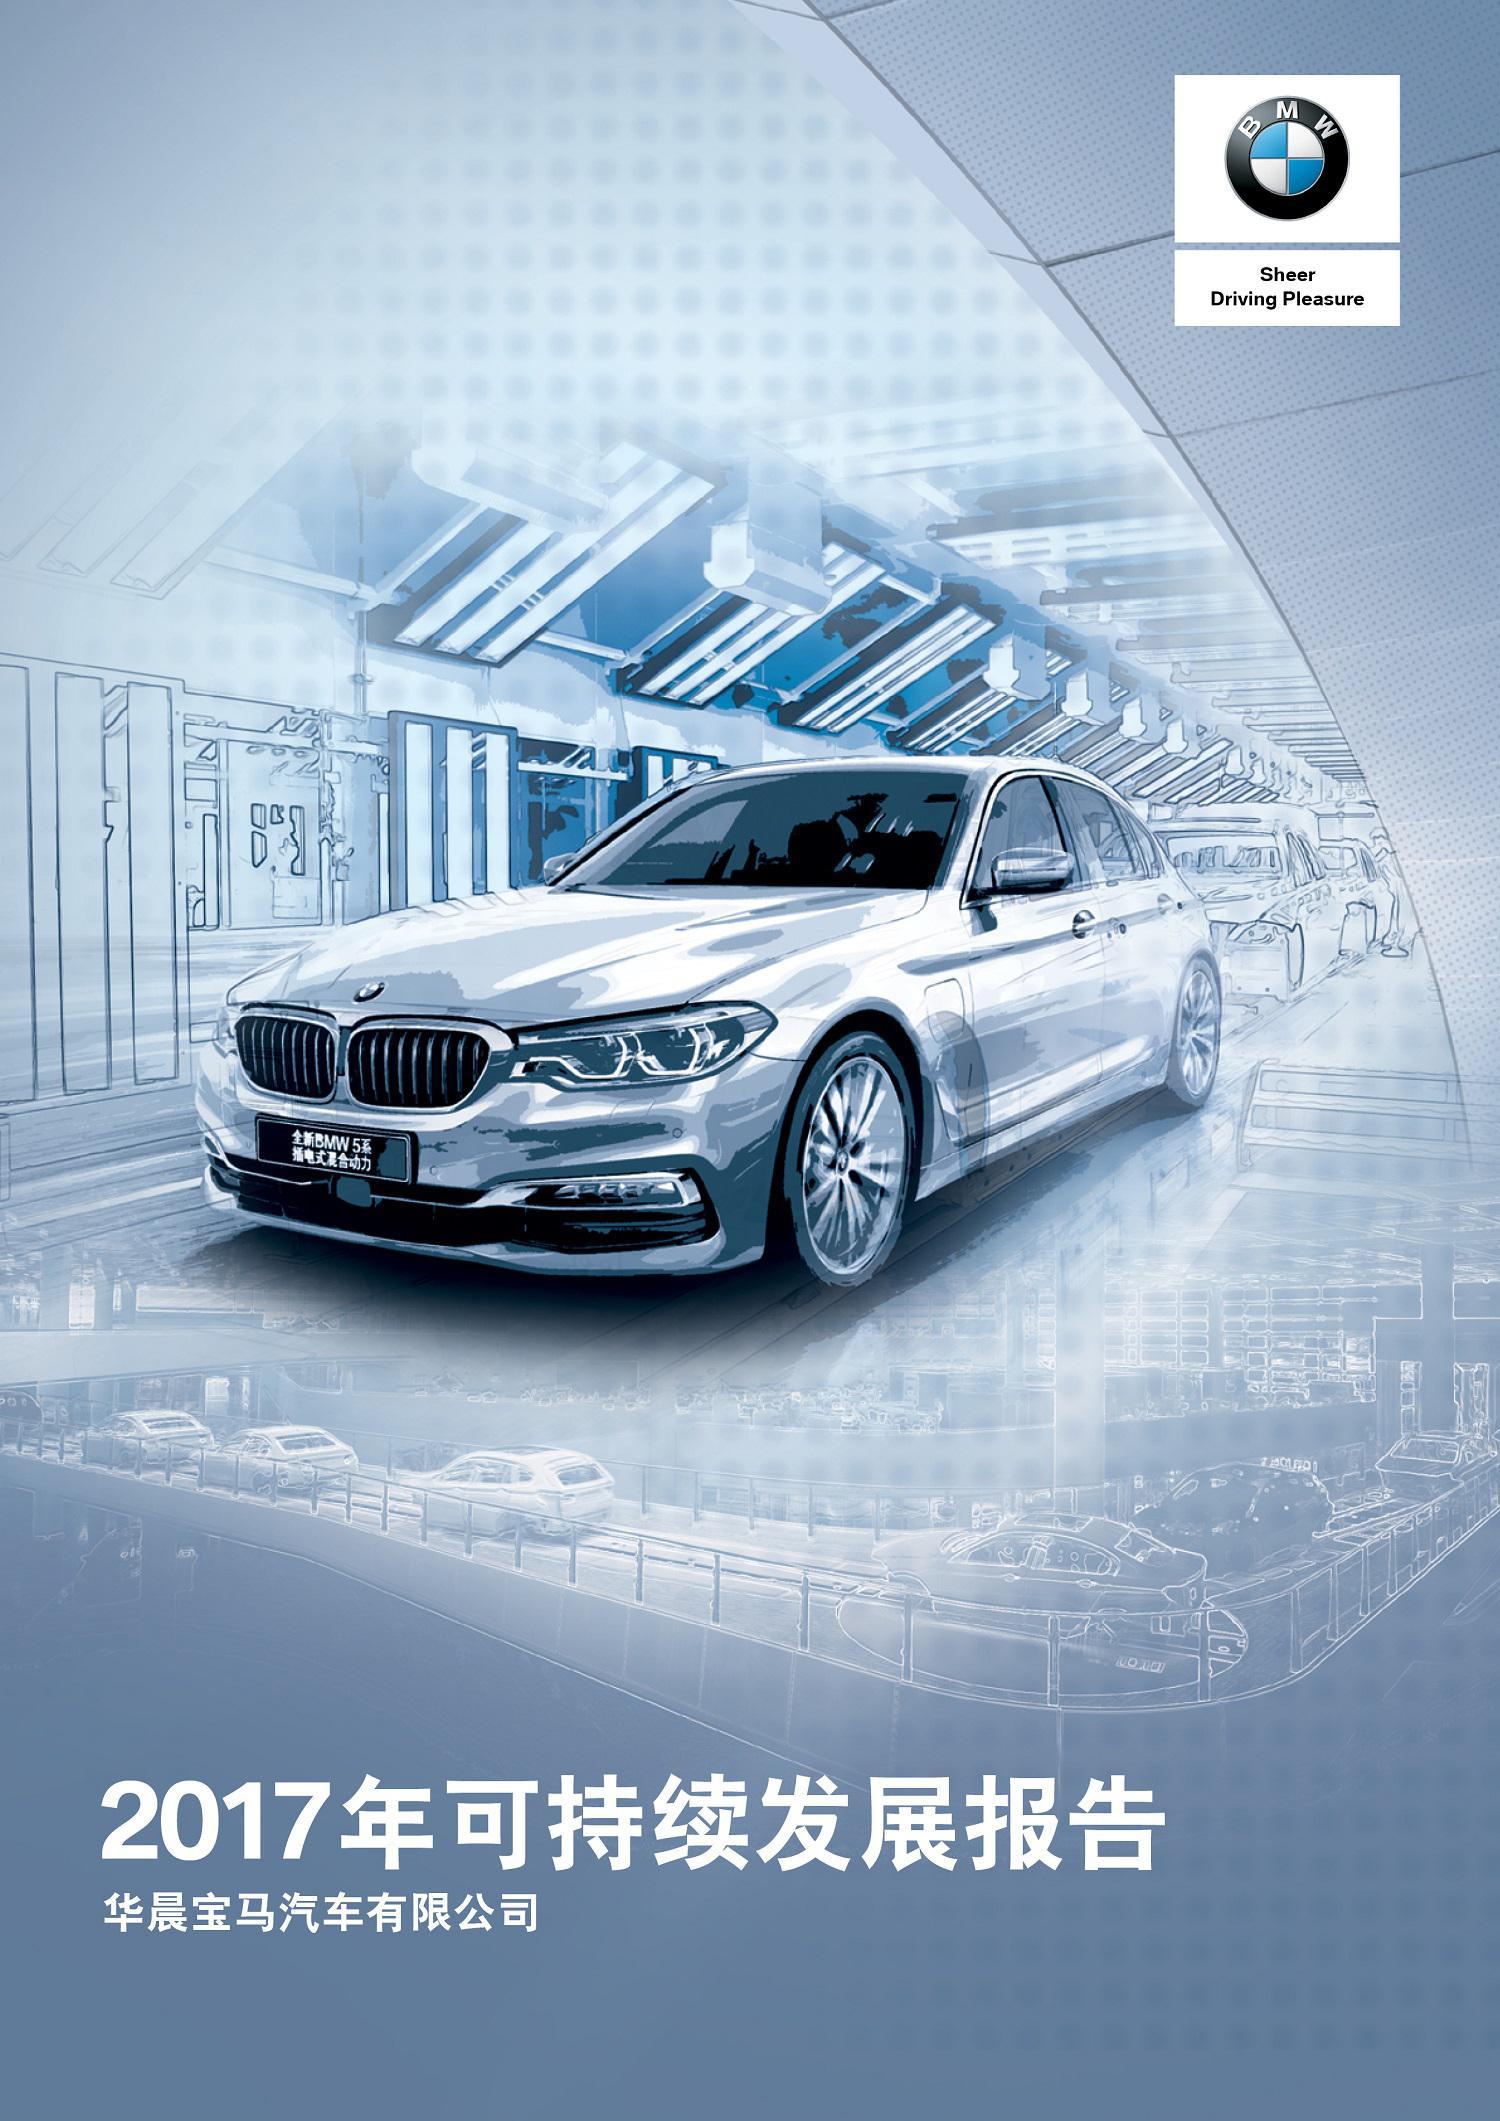 华晨宝马连续第五年发布《可持续发展报告》